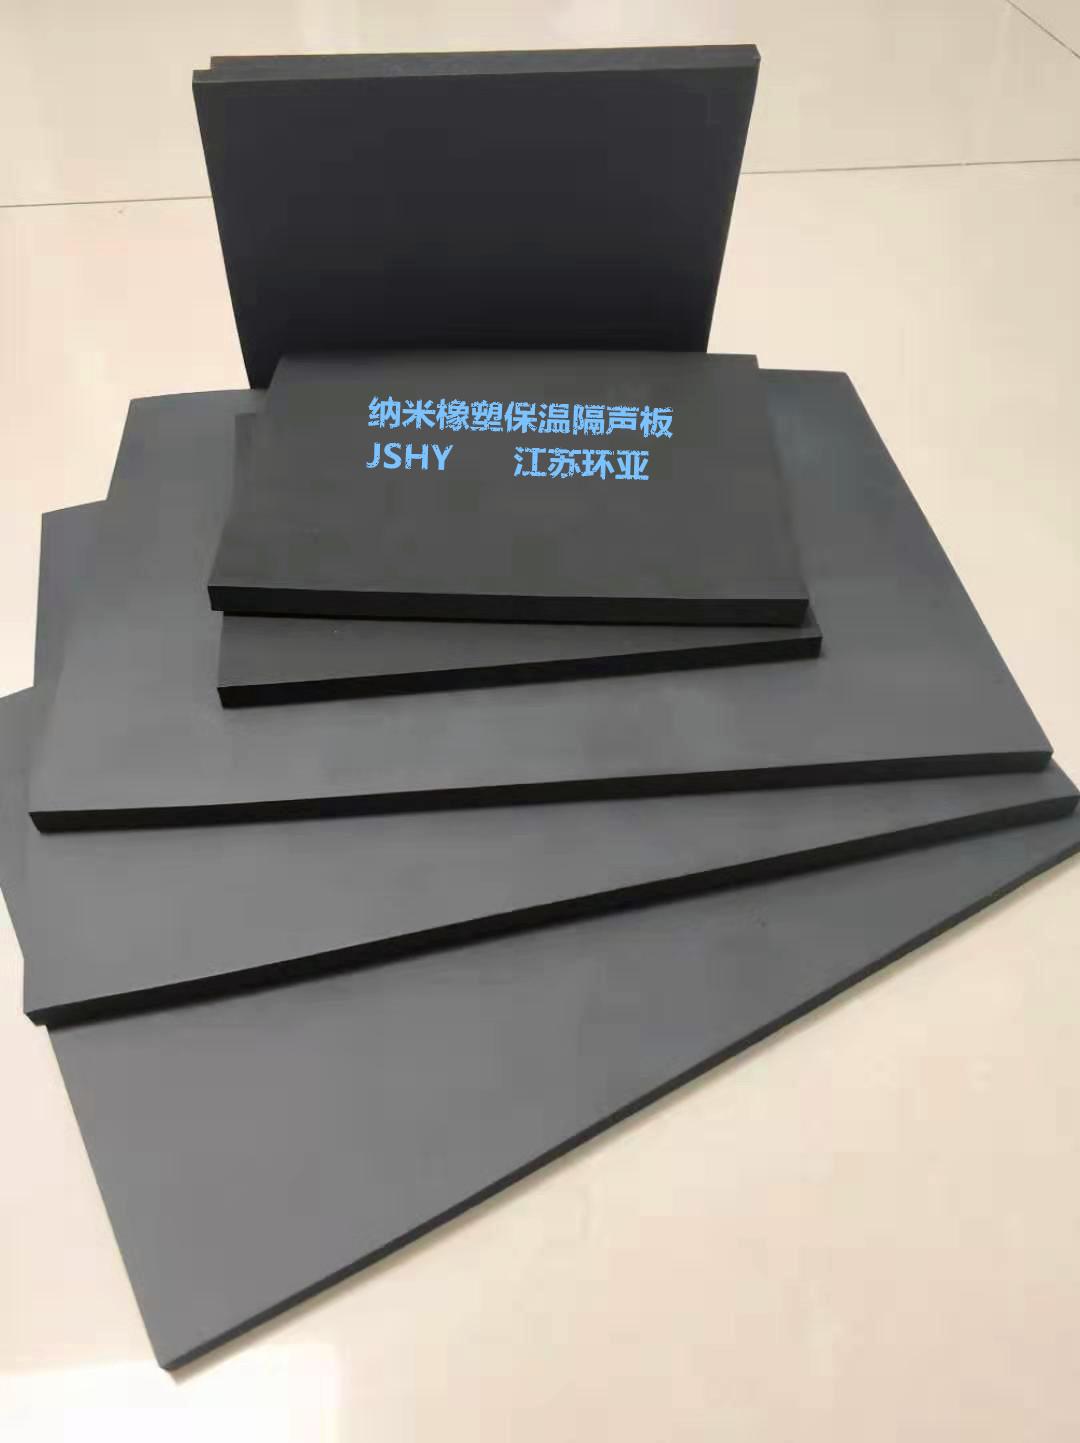 安庆橡塑保温隔音垫经销商